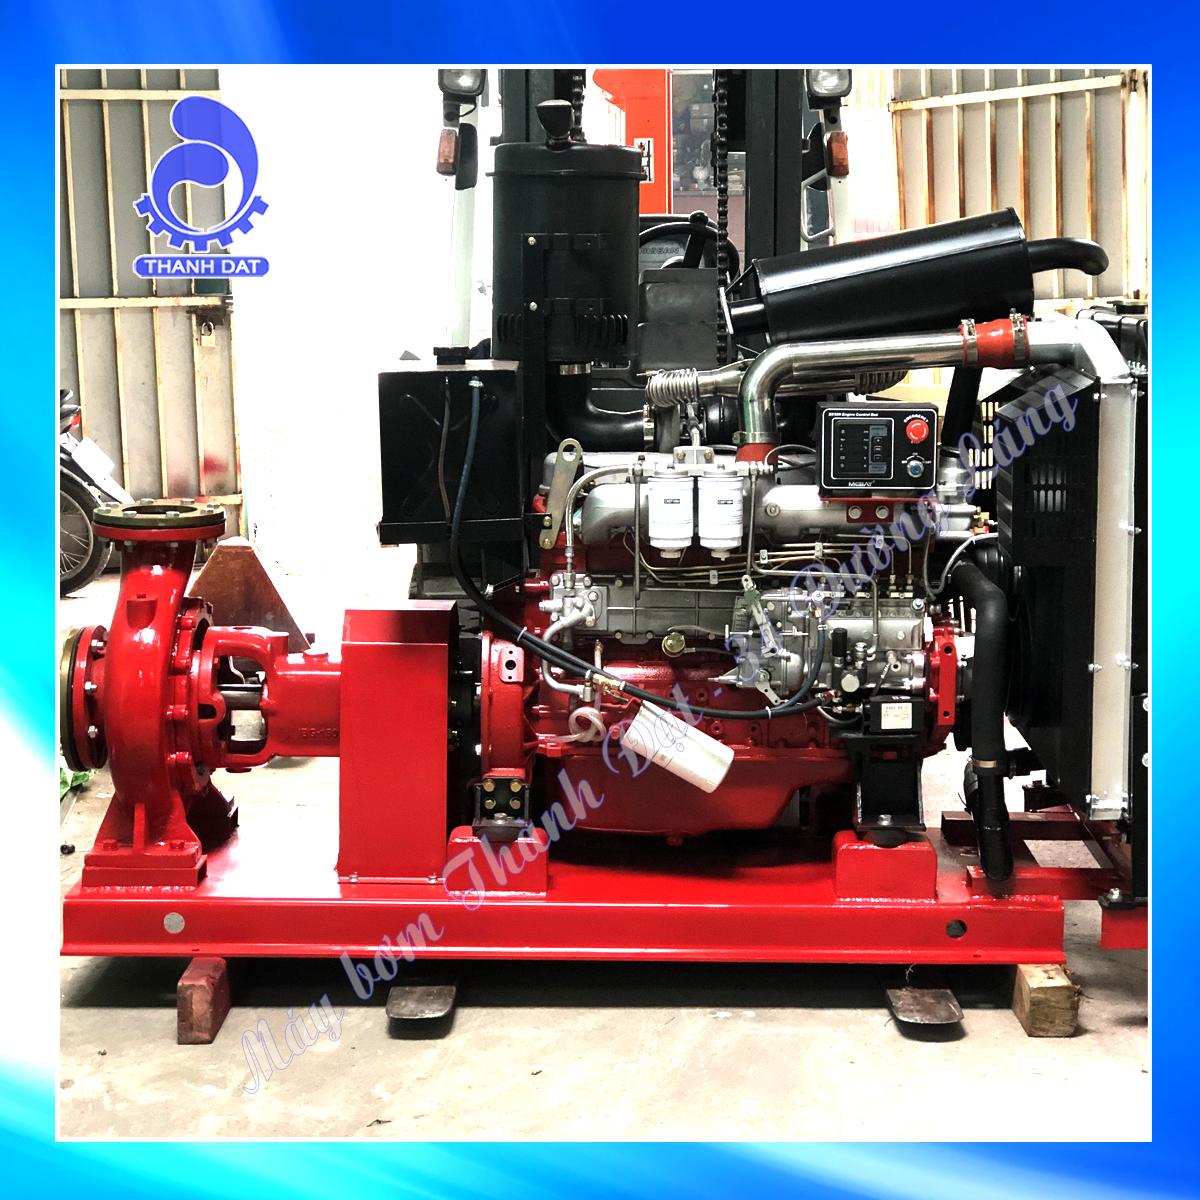 Báo giá máy bơm chữa cháy Diesel Huichai 2021